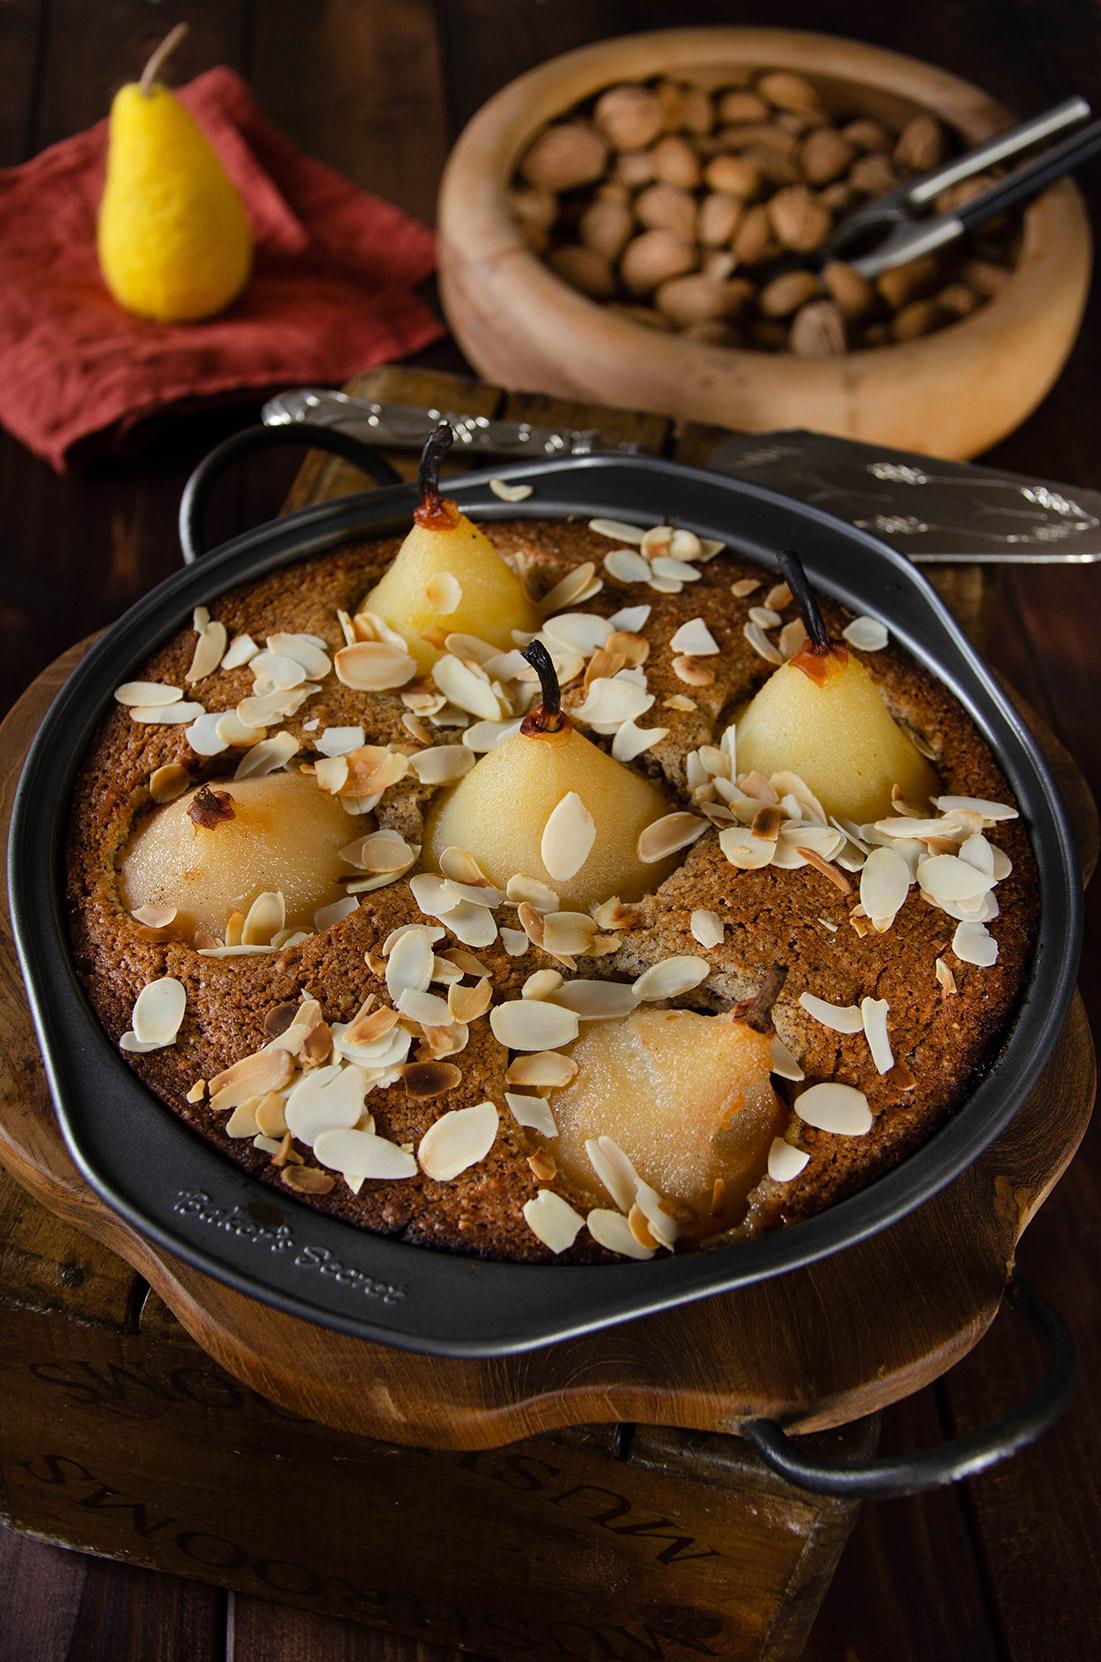 Recette de gâteau noisettes poires au sirop